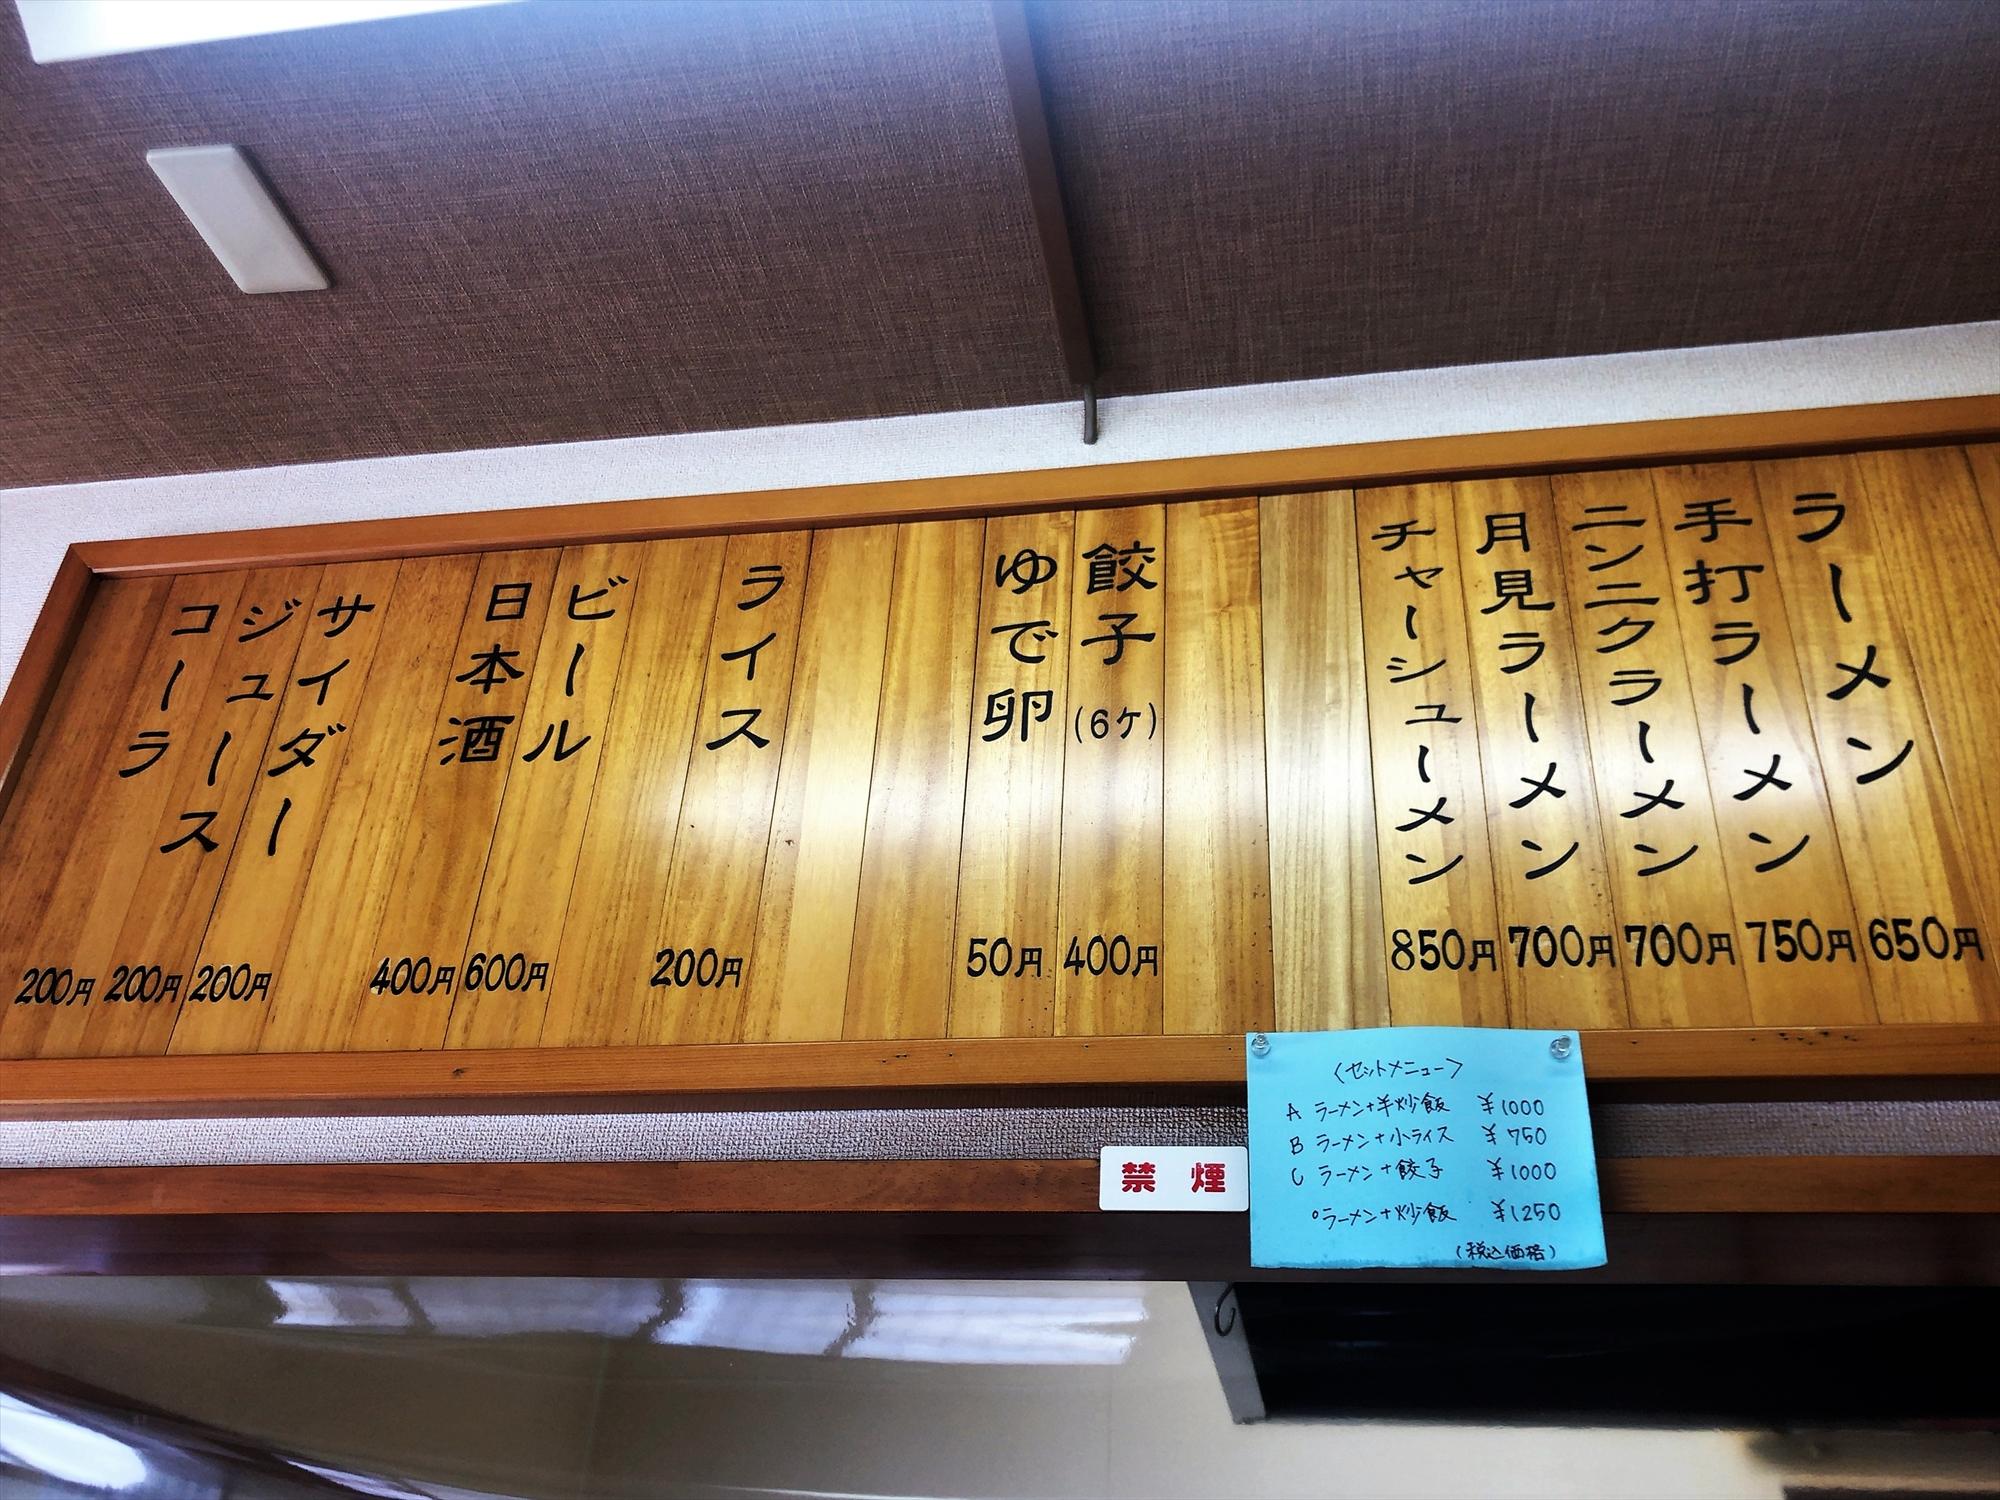 ラーメン 田島のメニュー